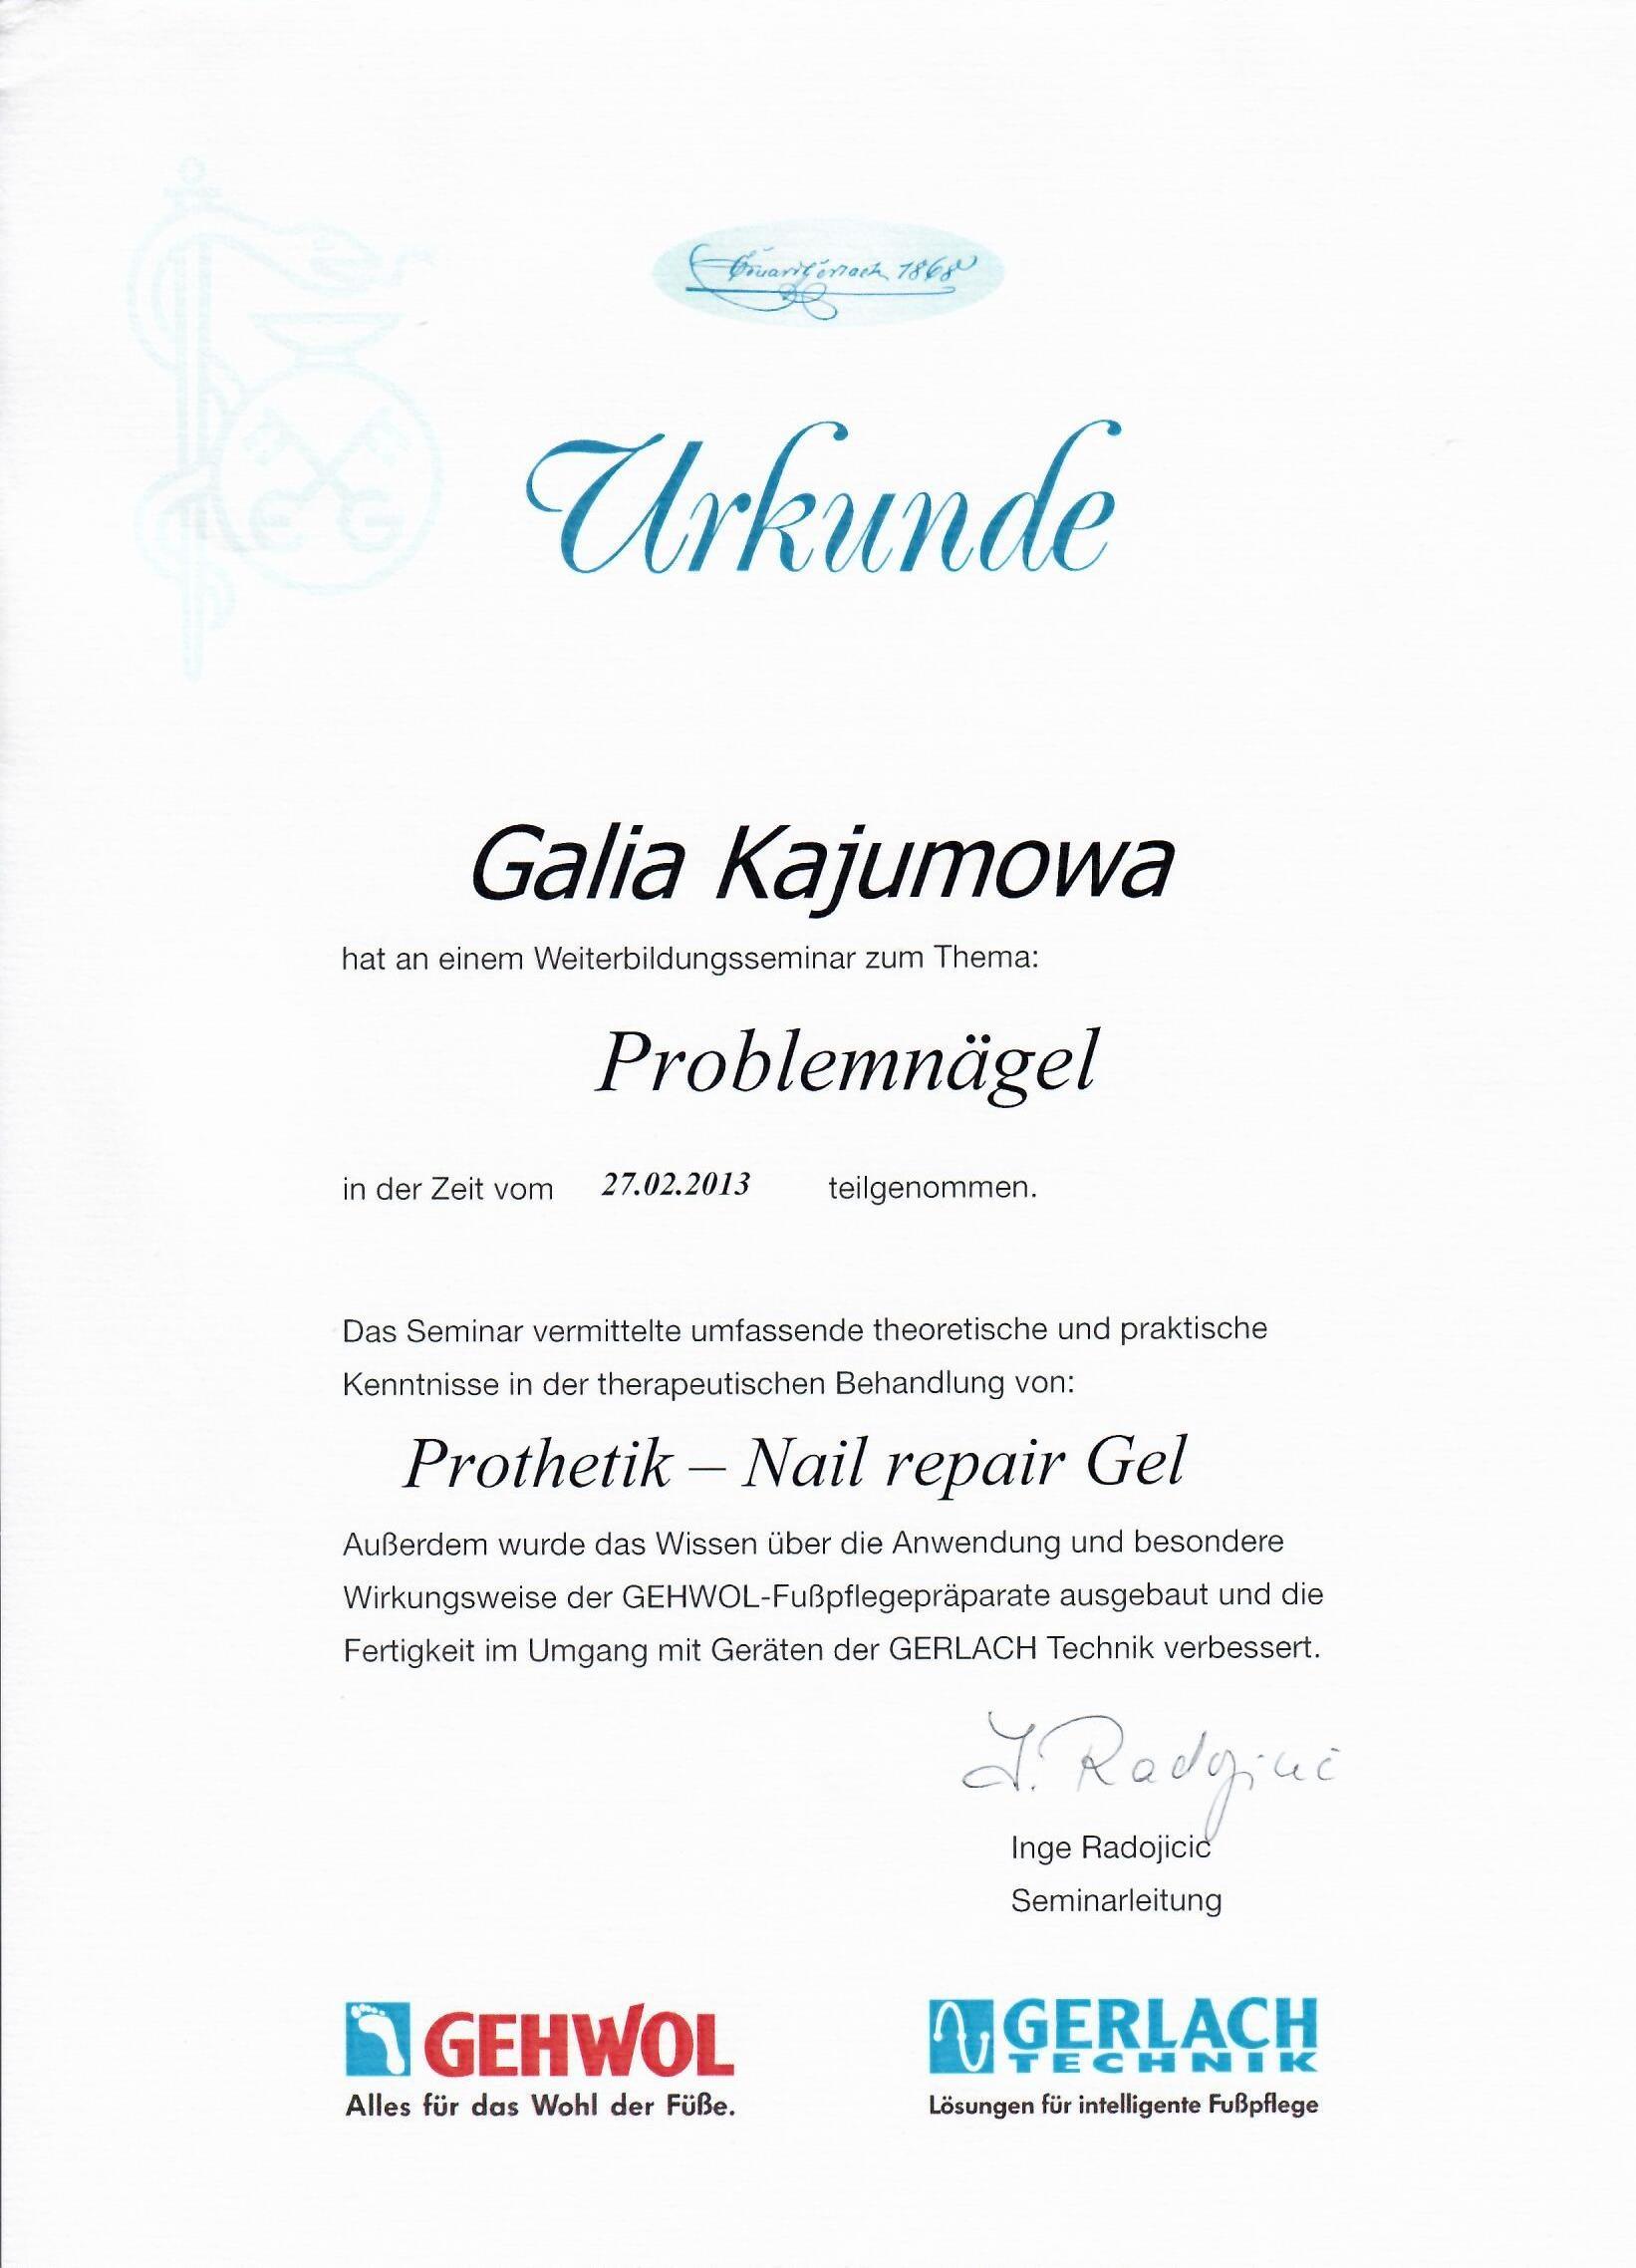 2013 Problemnagel